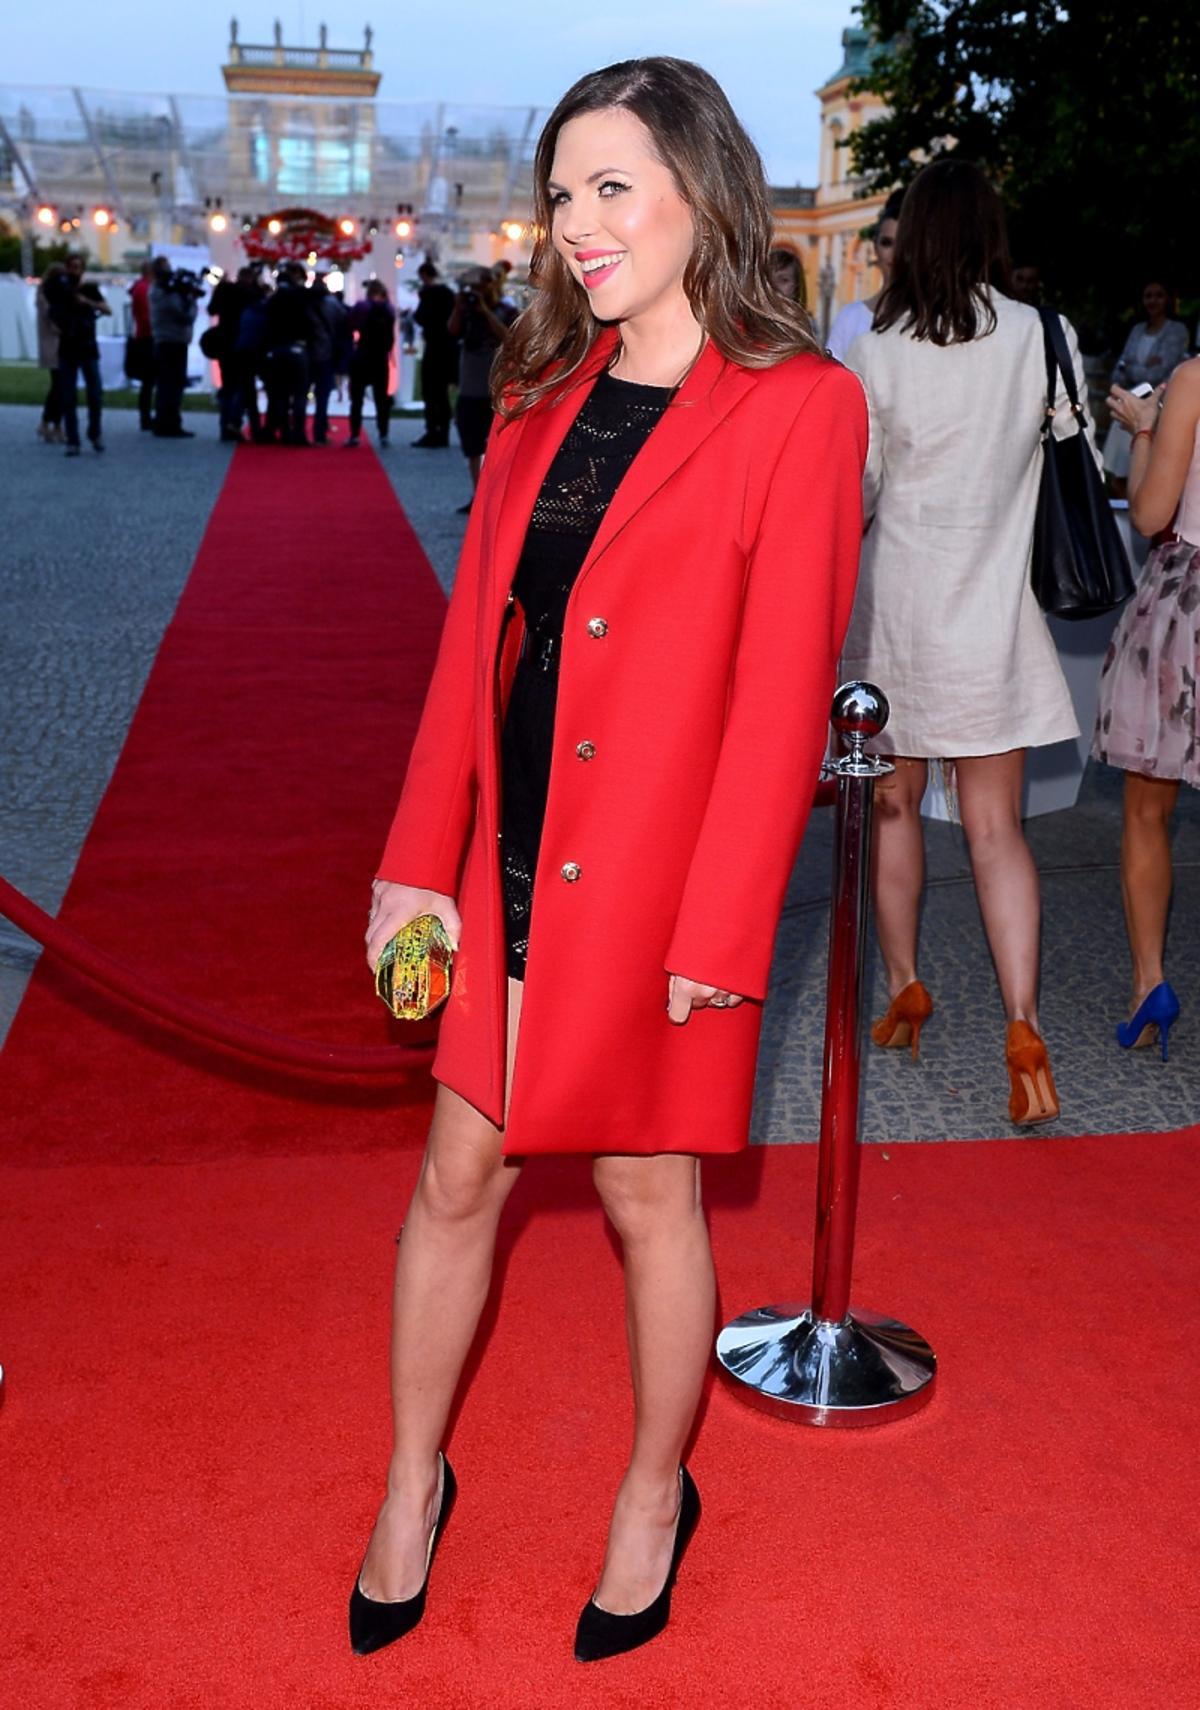 aleksandra kwaśniewska stoi na czerwonym dywanie w czerwonym płaszczu